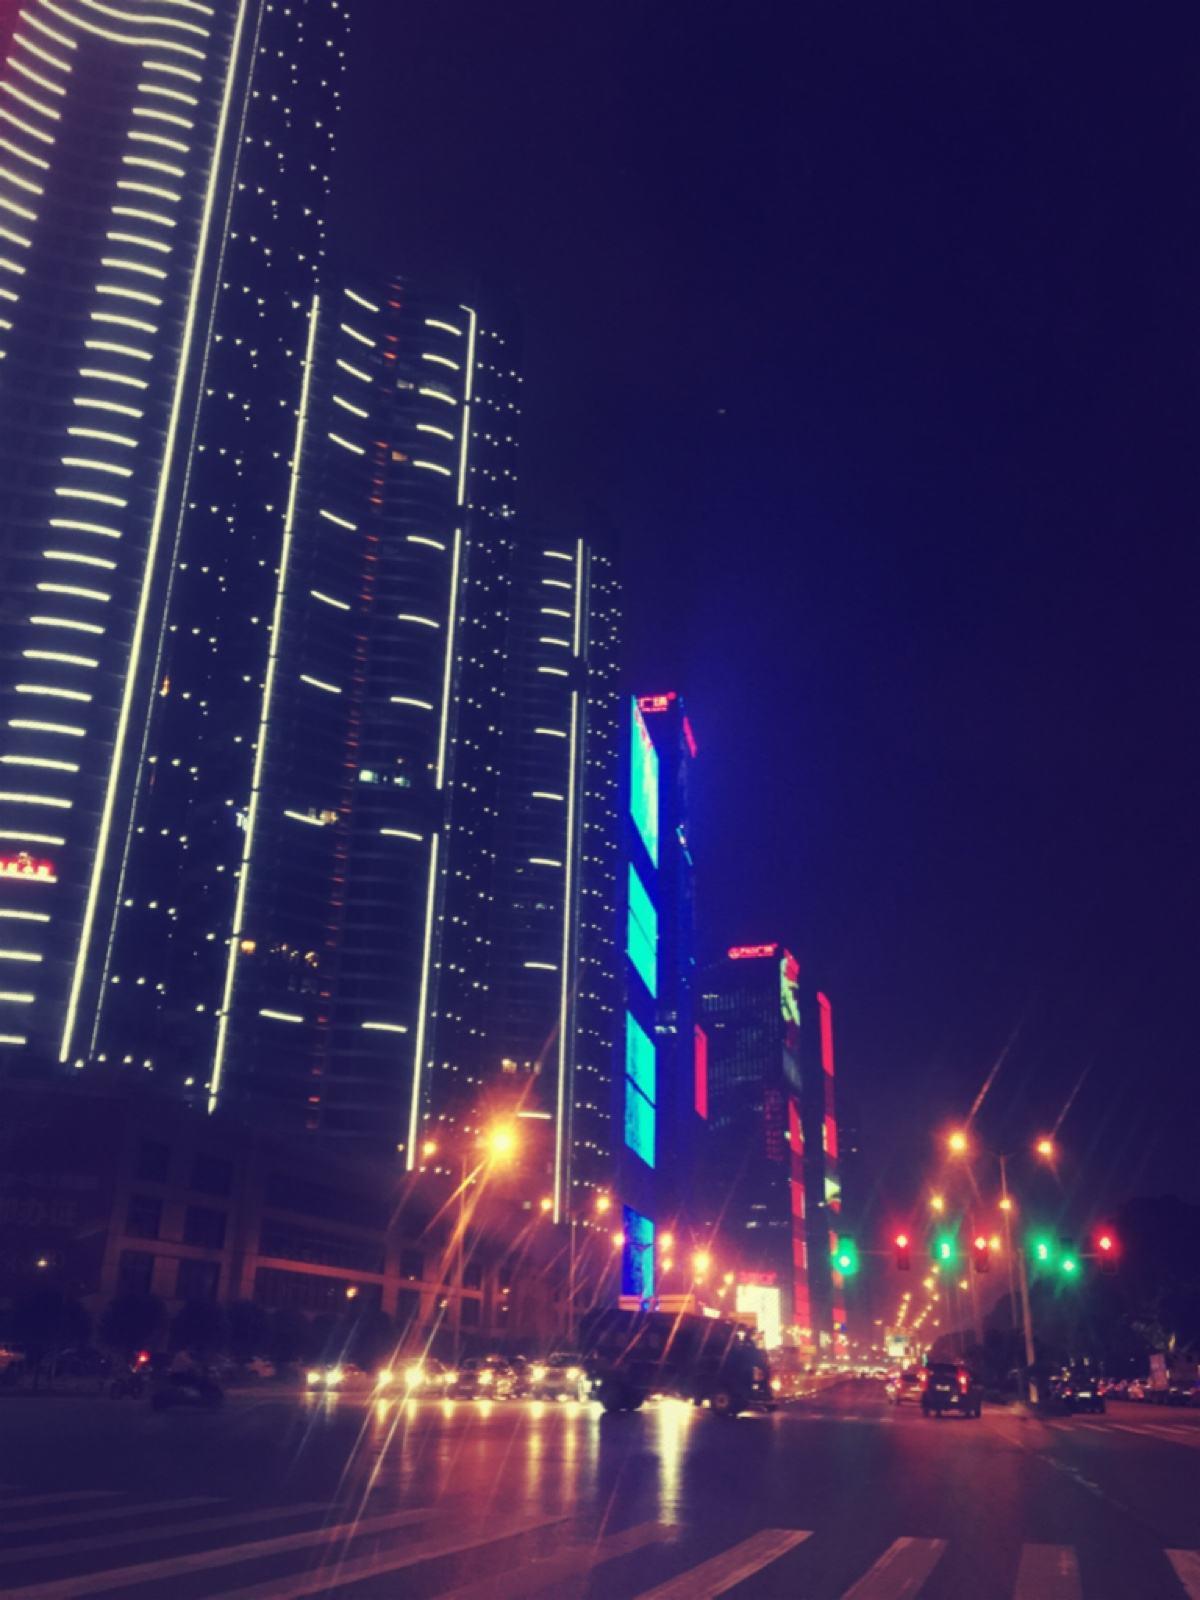 2018年长沙区域中央空调市场调研报告